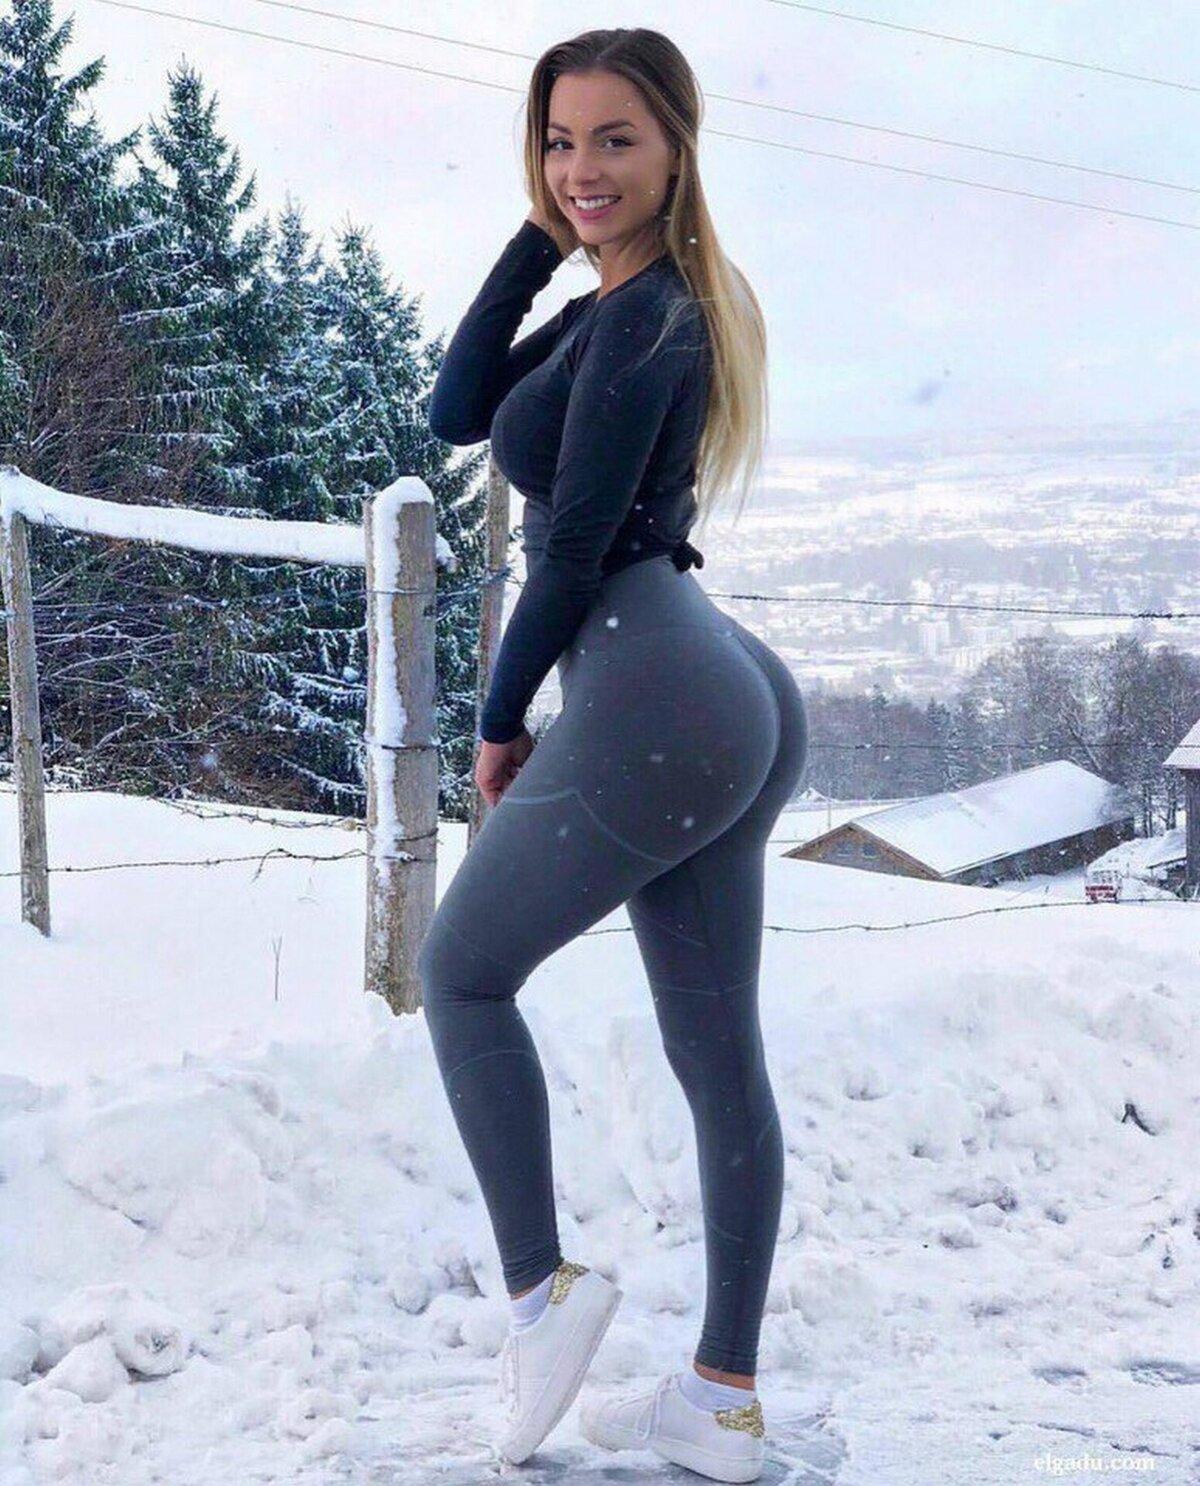 Русские девушки в облегающих штанах — pic 6